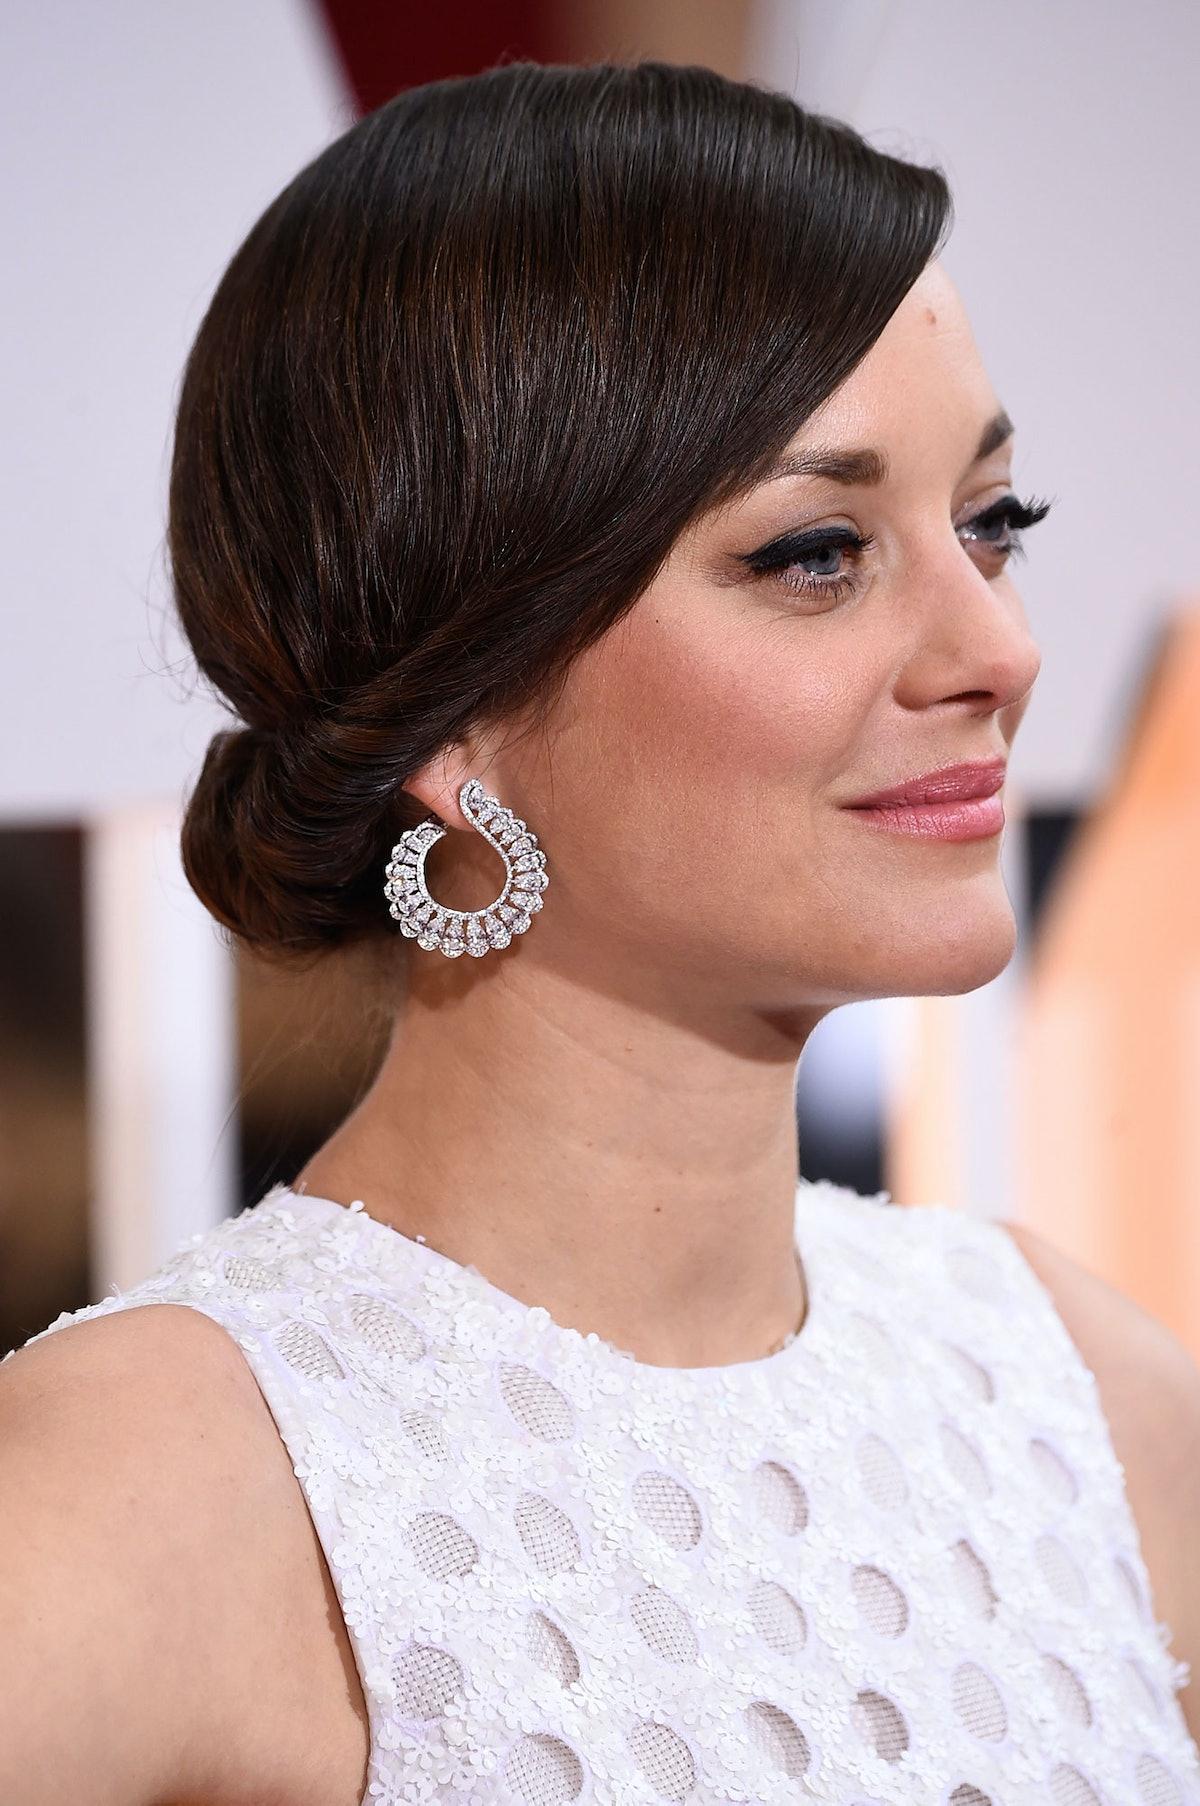 Marion Cotillard in Chopard earrings